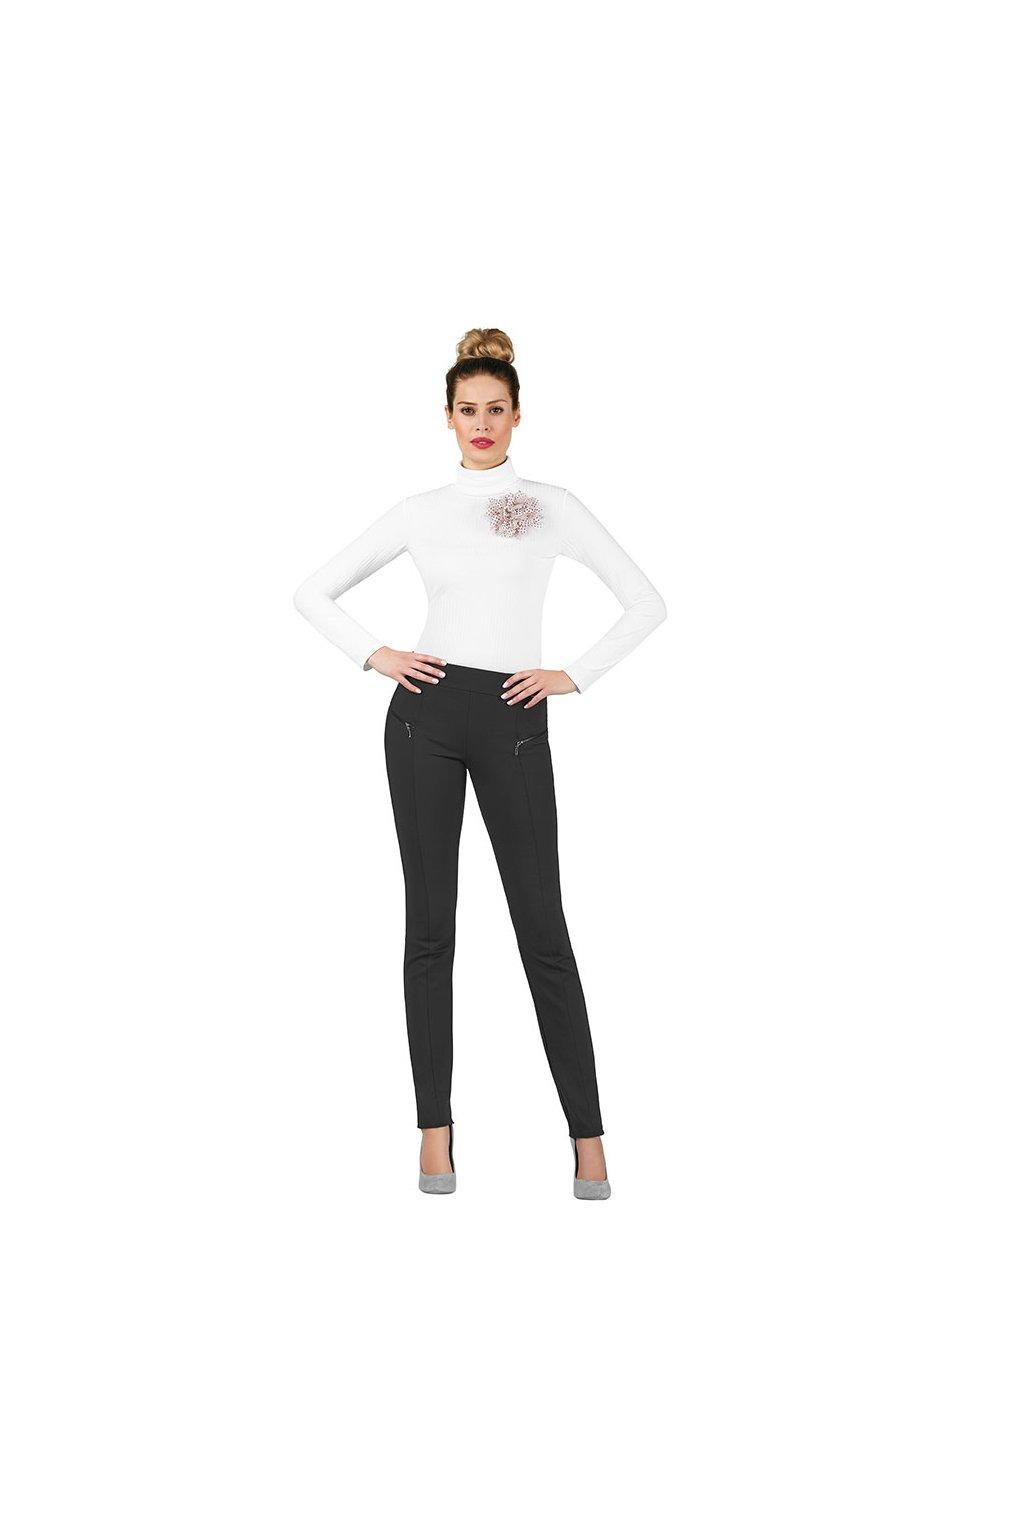 Dámské kalhoty, 10122 29, černá